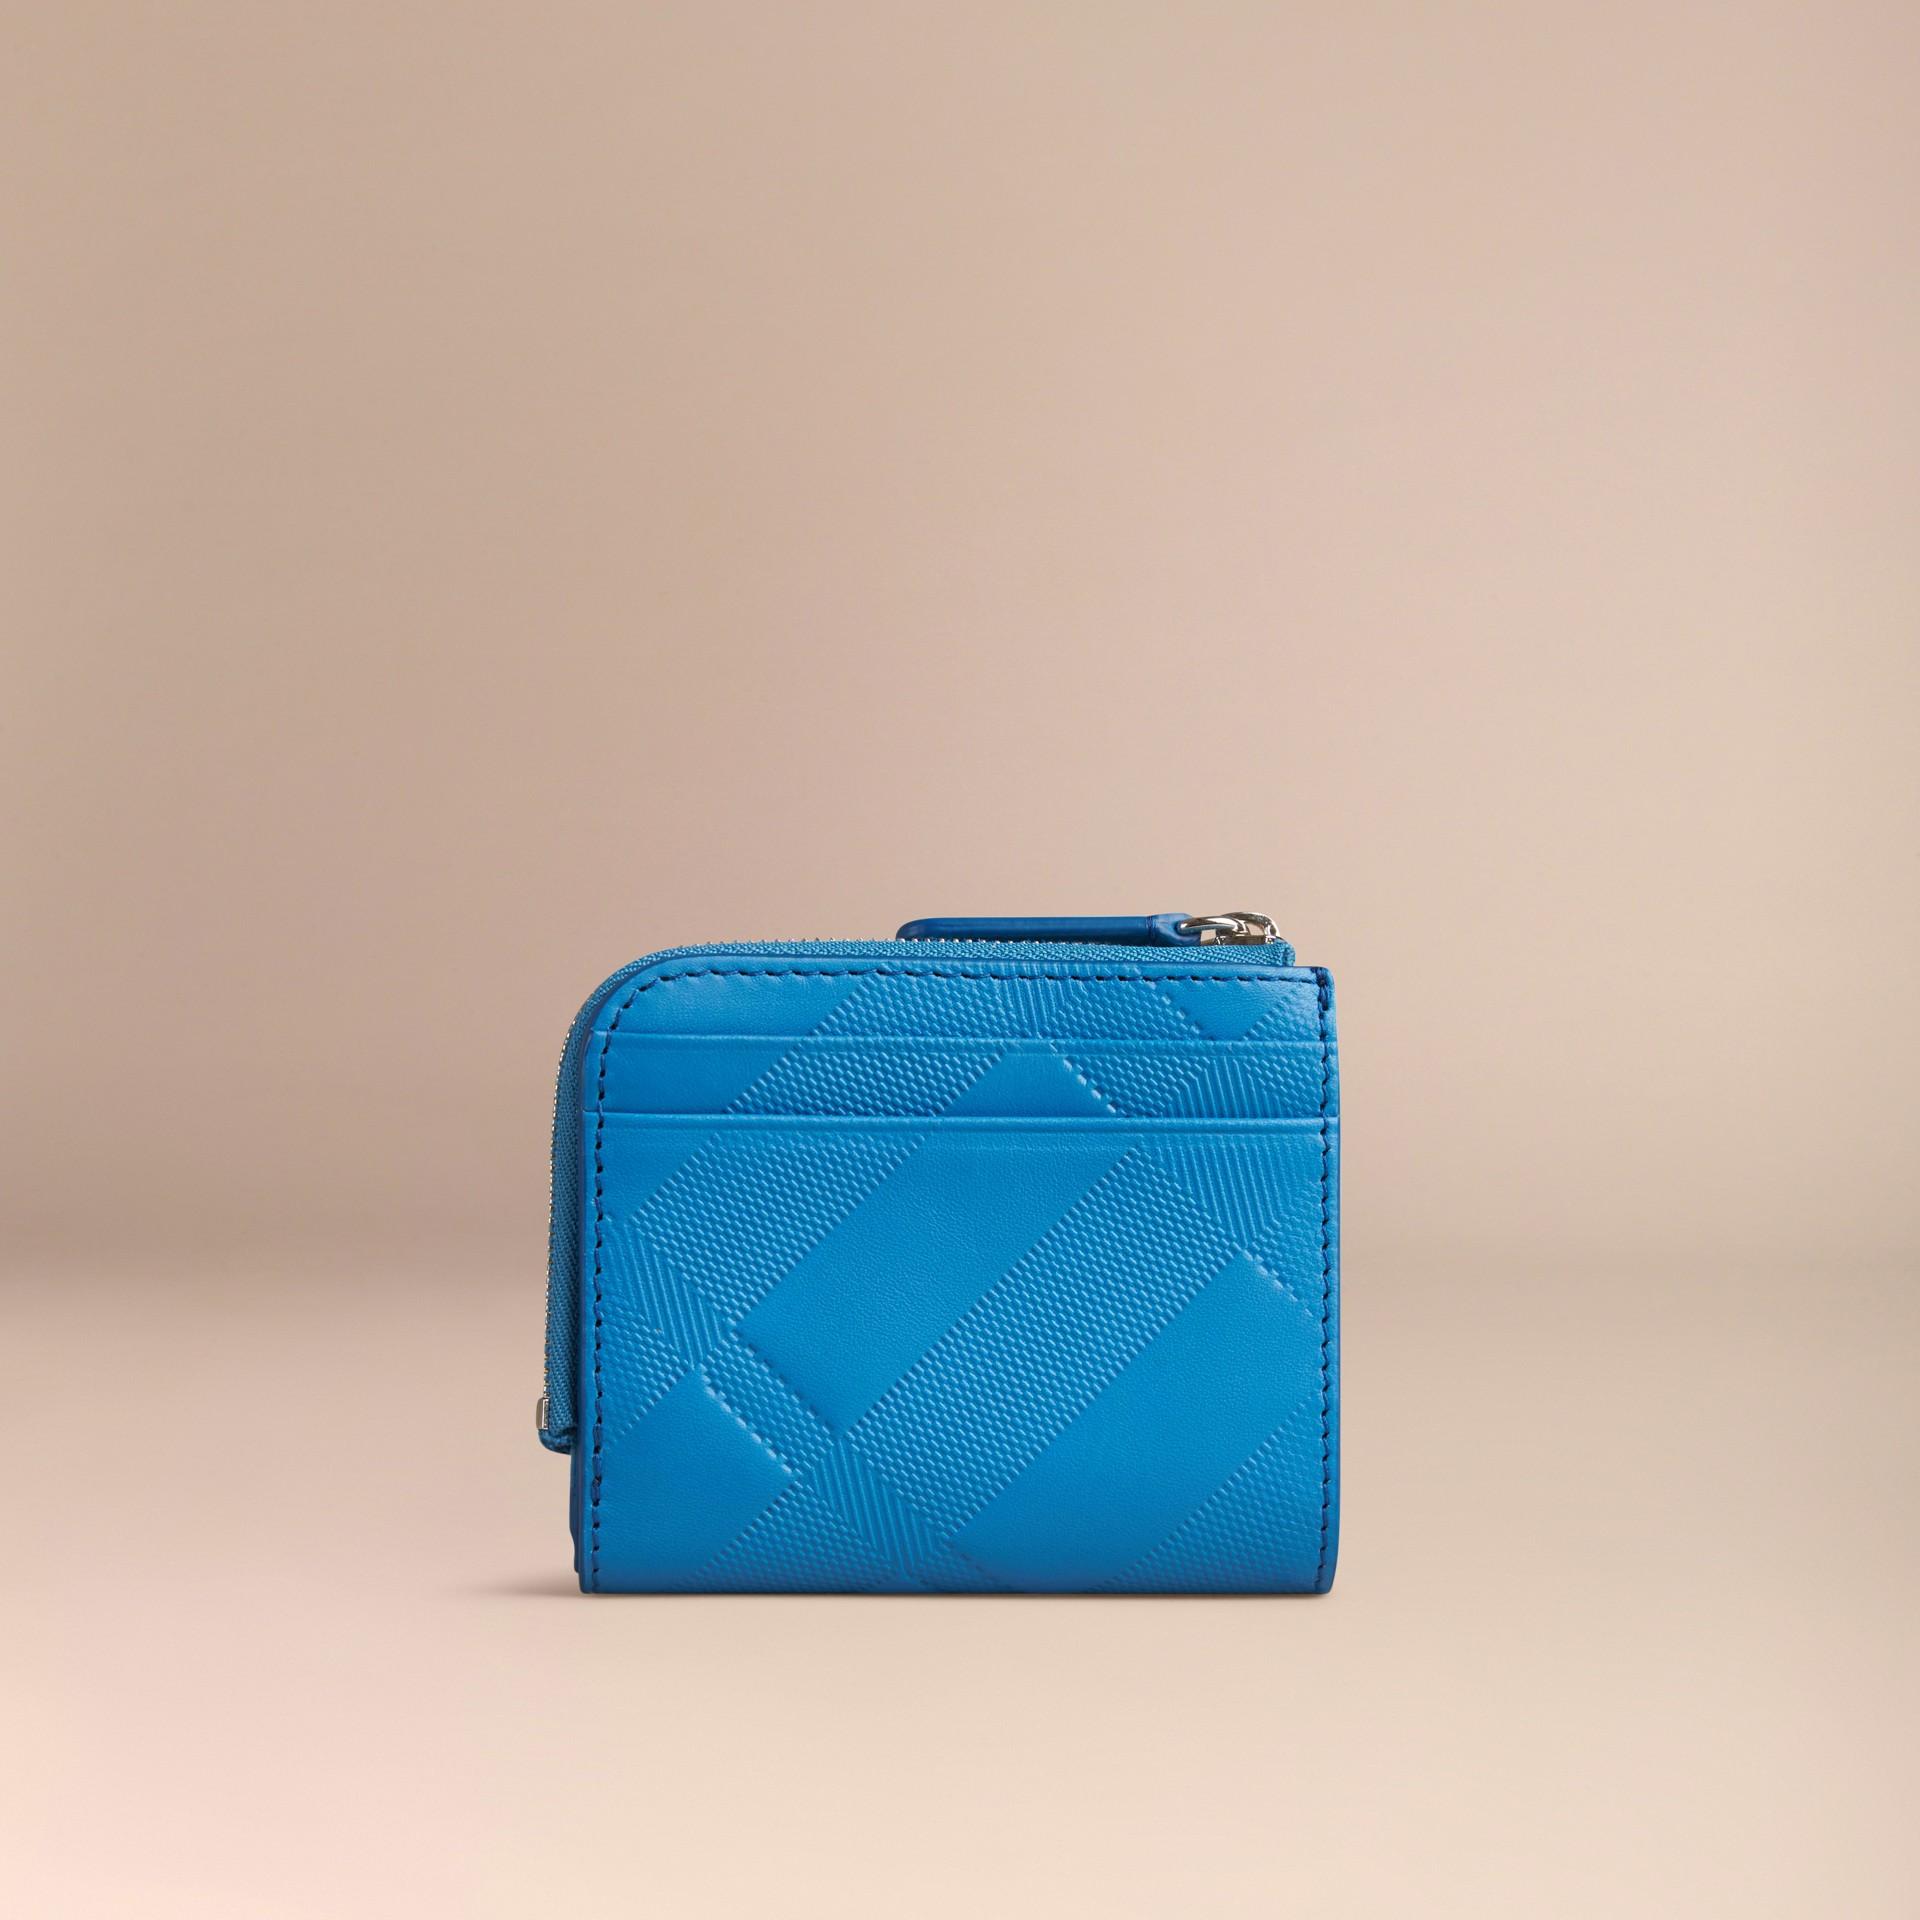 Лазурно-голубой Складной бумажник из кожи с тиснением в клетку Лазурно-голубой - изображение 4